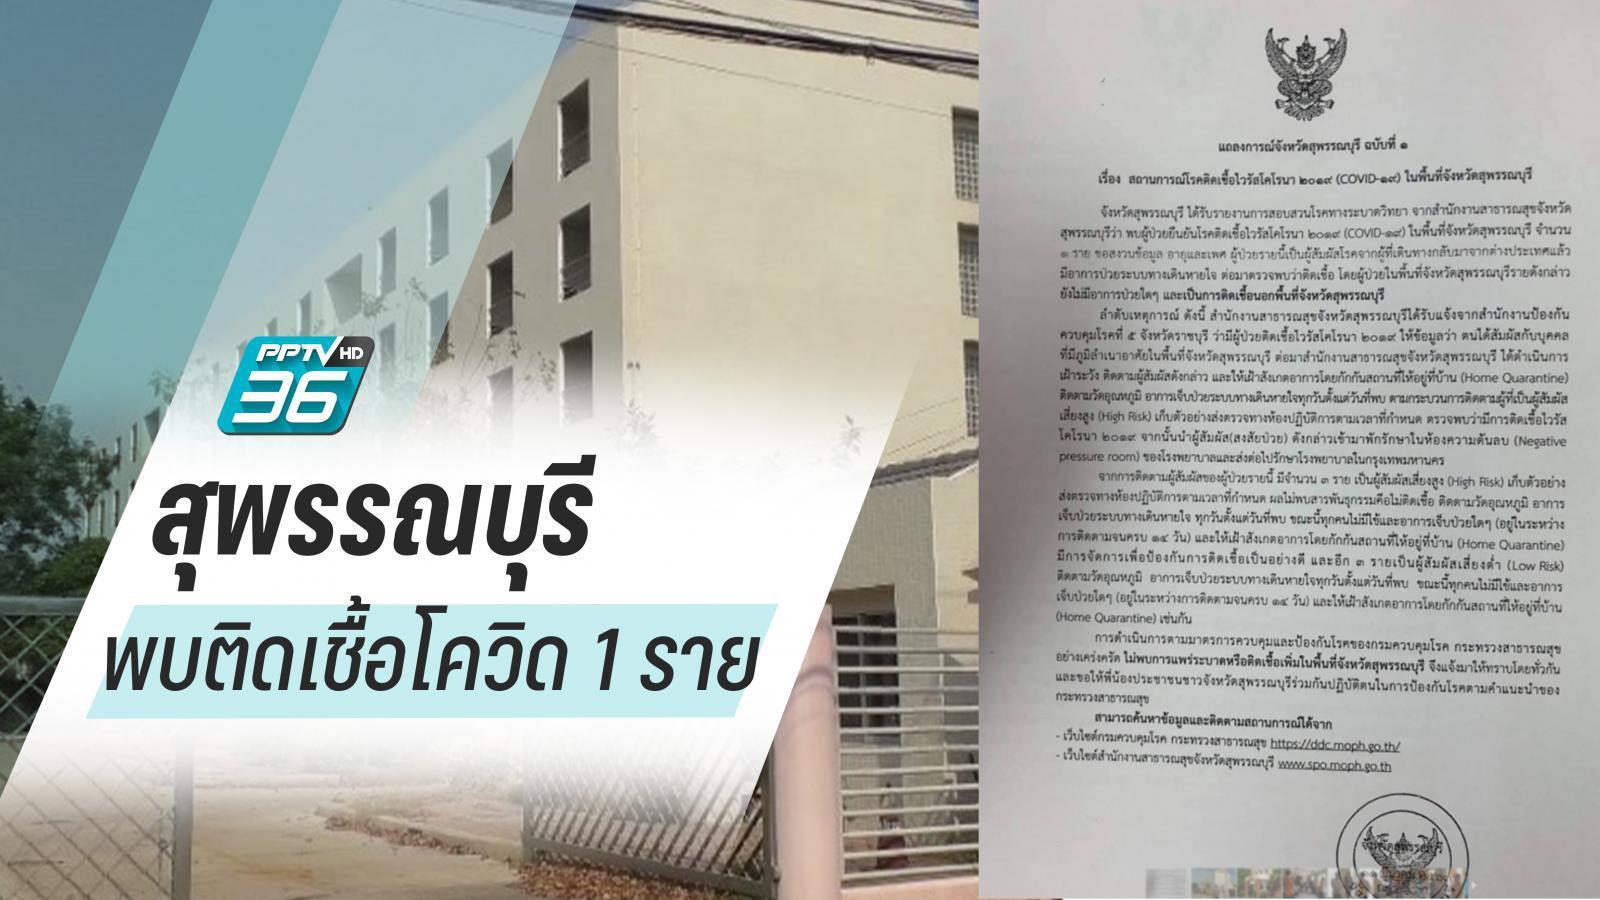 สุพรรณบุรี ประกาศพบผู้ติดเชื้อโควิด-19 จำนวน 1 ราย